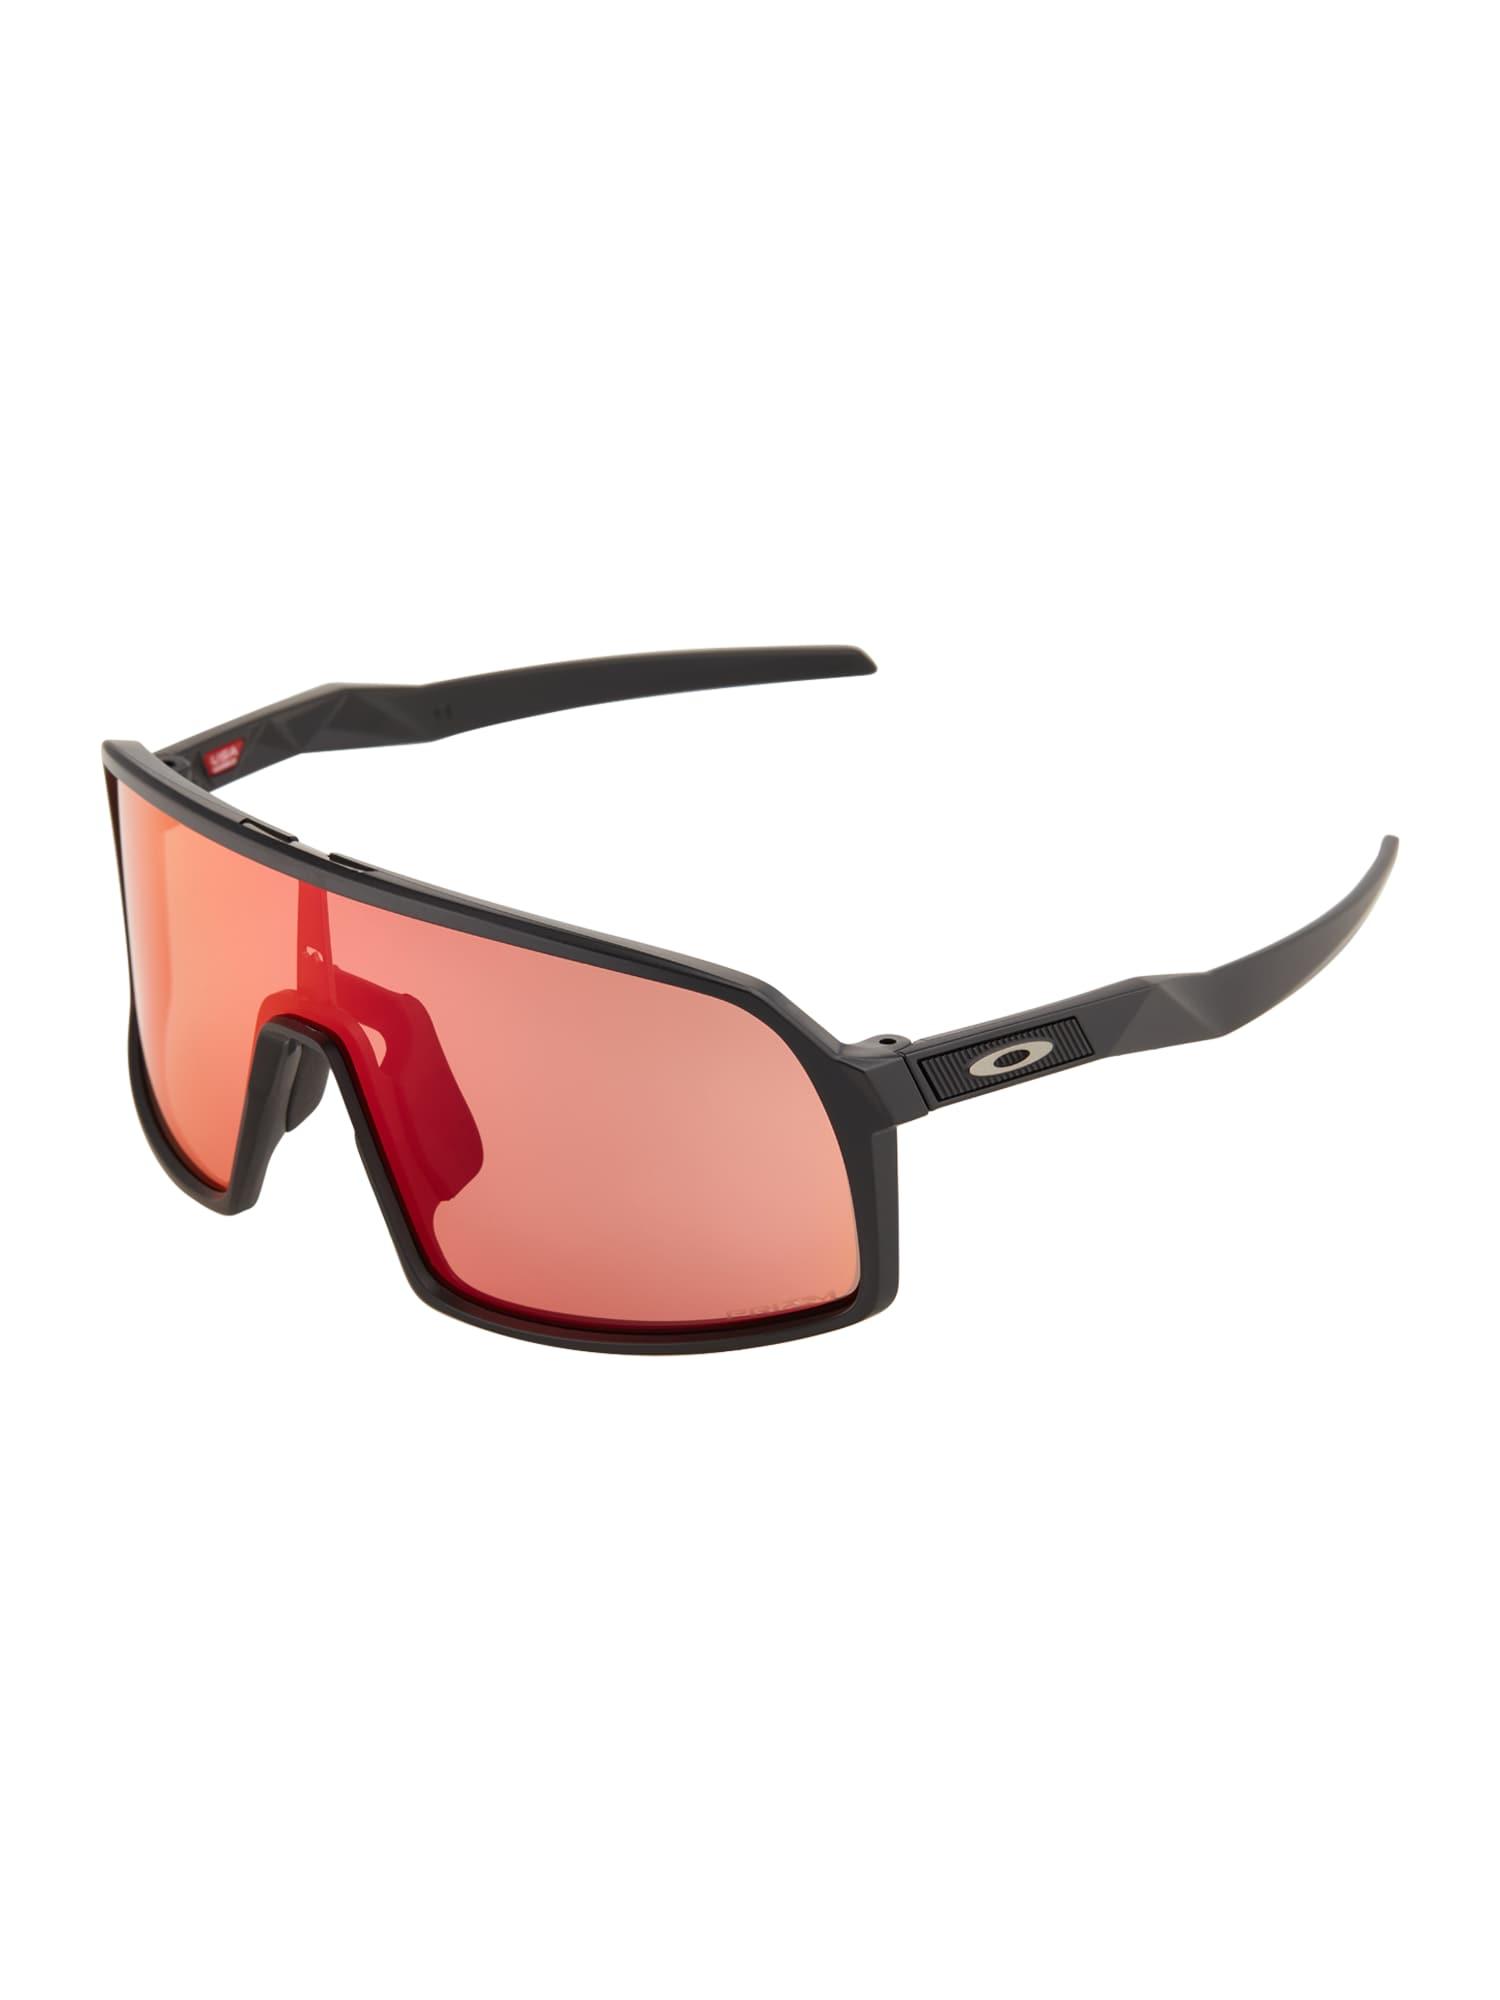 Oakley Sutro S Black PRIZM Torch Trail Sunglasses - Gafas de sol